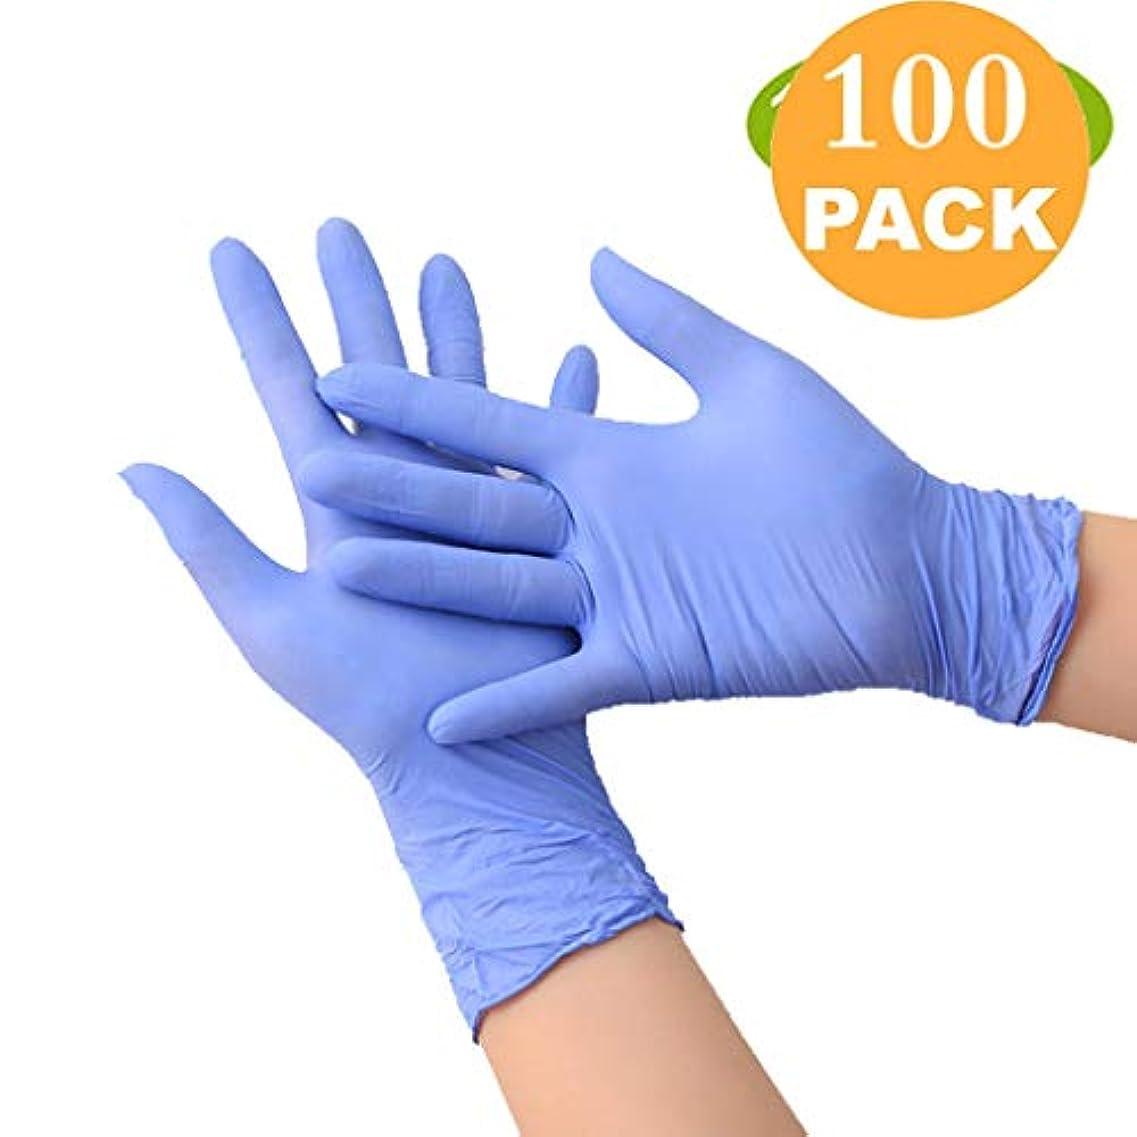 トーク突然割り当てますニトリル使い捨てパウダーフリー耐酸クリーン美容ネイルサロン油と酸耐性-100パーボックス (Color : Blue, Size : S)